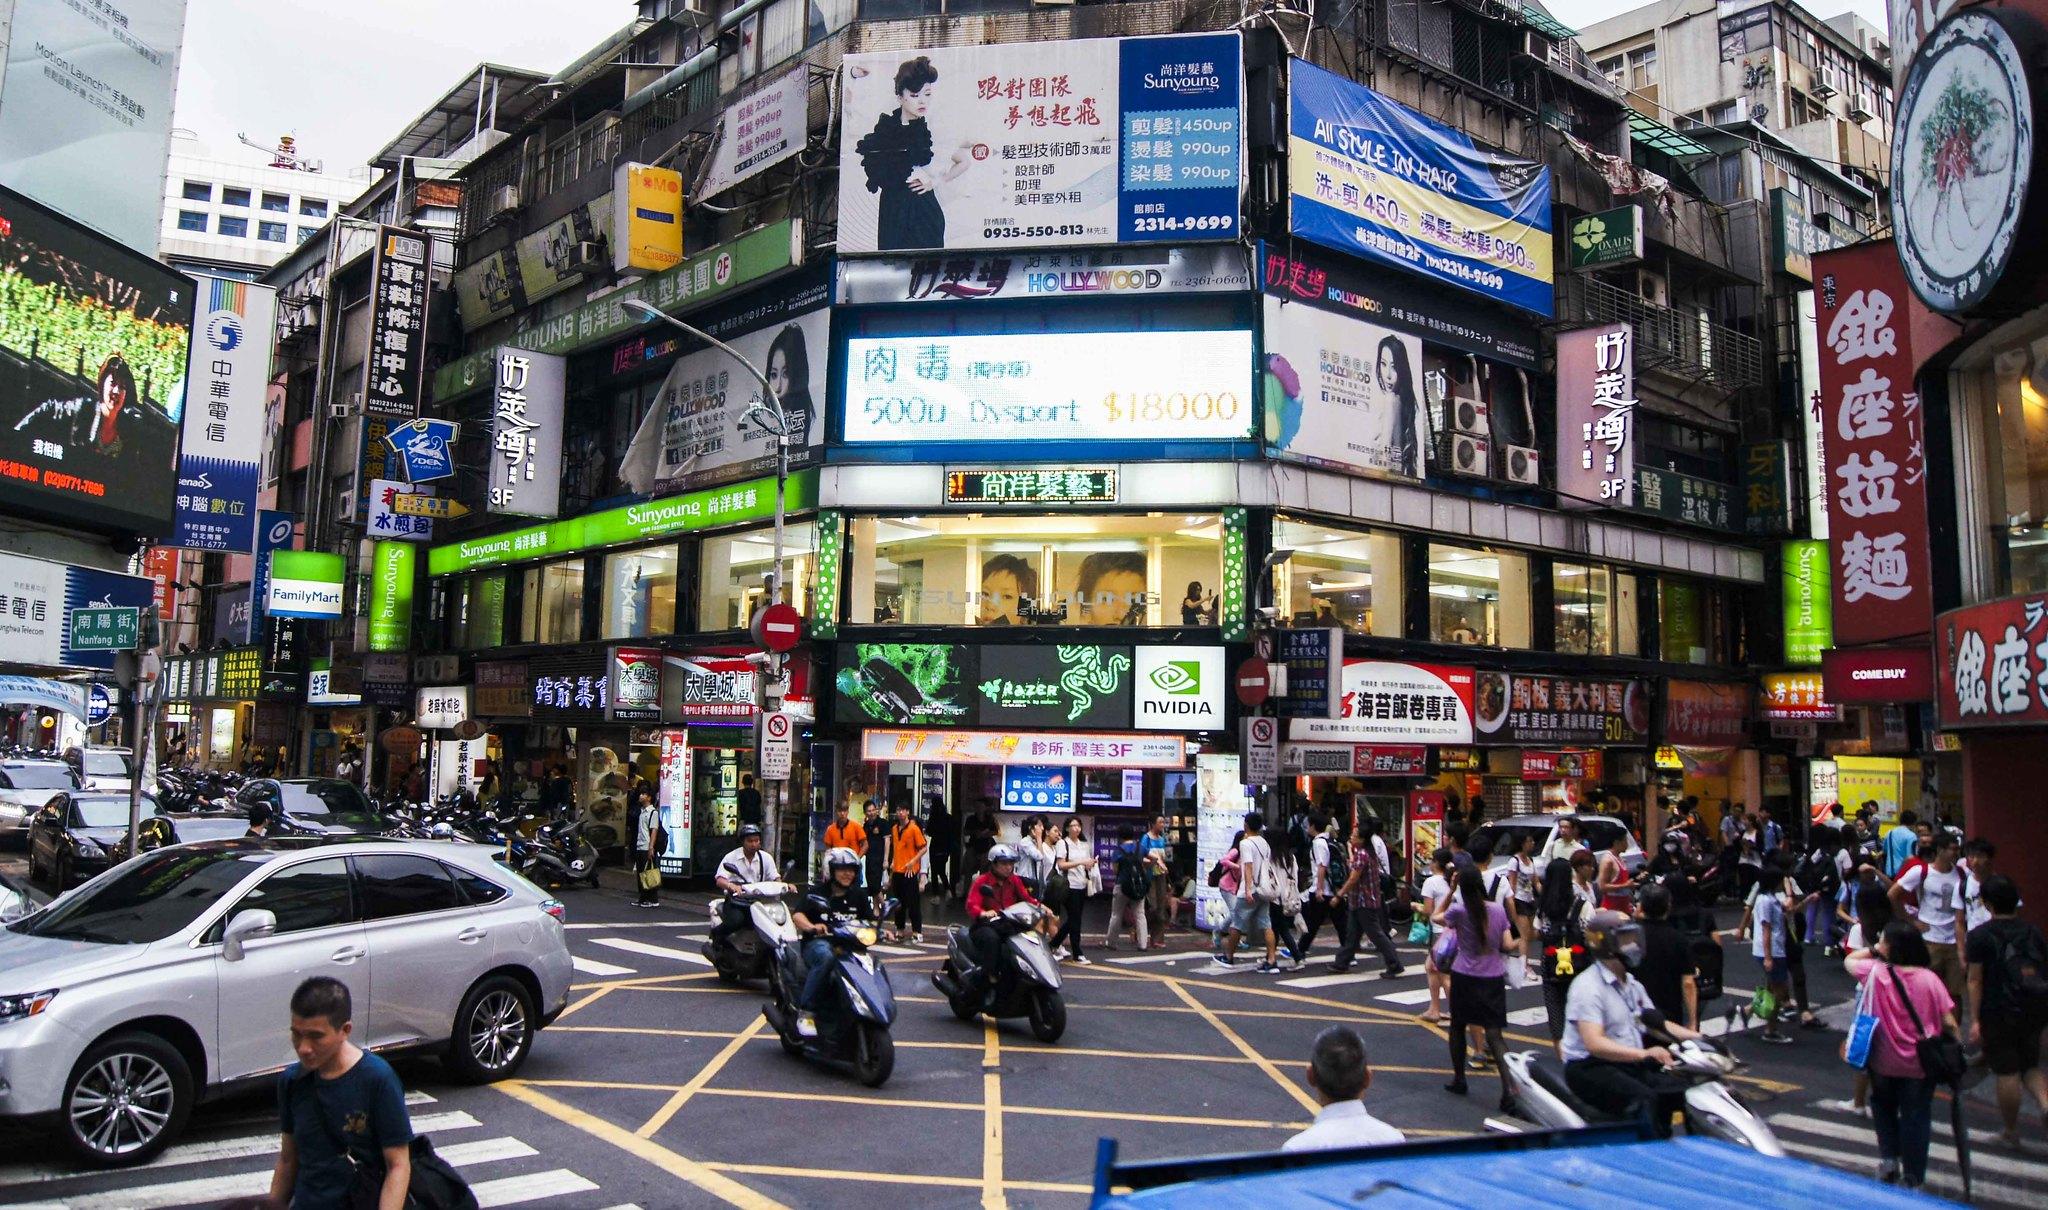 Modern Asian street